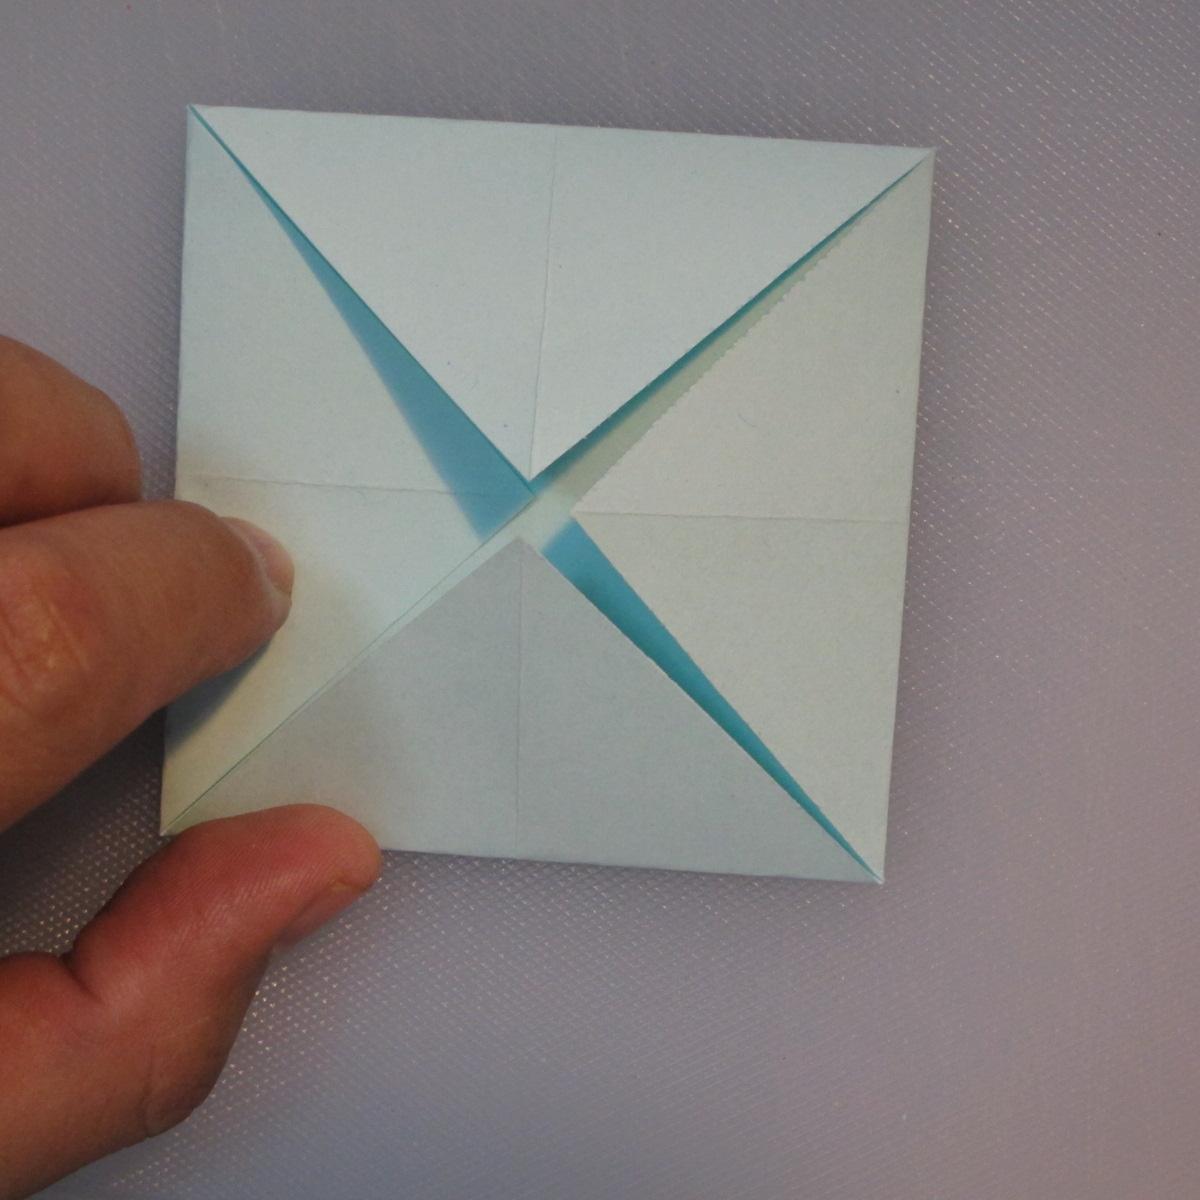 วิธีการพับกระดาษเป็นรูปโบว์ติดกล่องของขวัญ 003